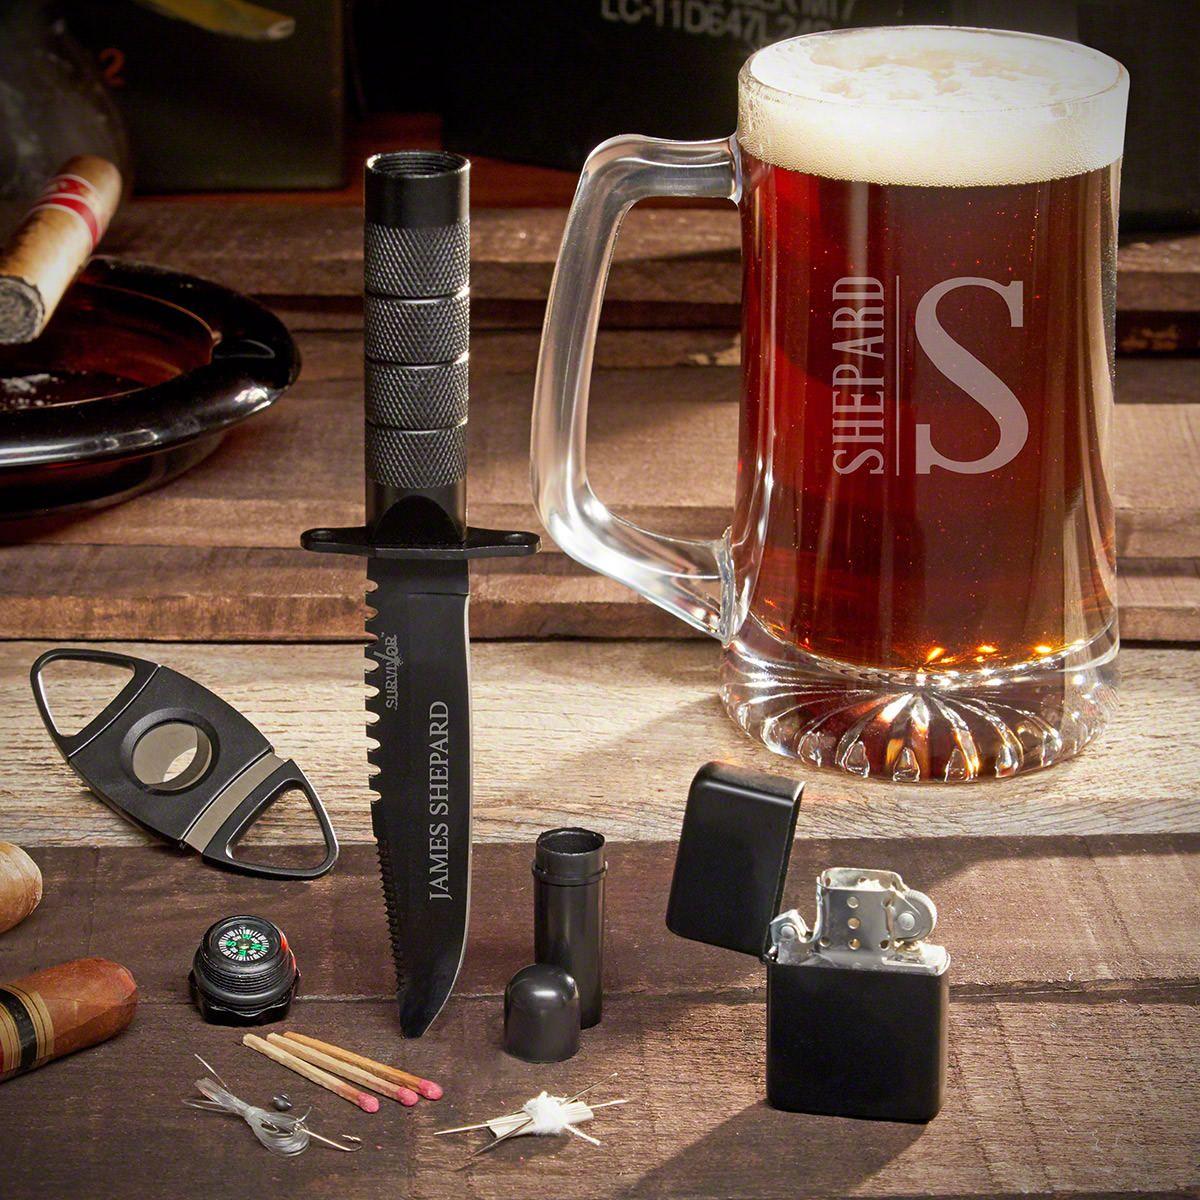 Elton Custom Tactical Knife & Beer Gift Set